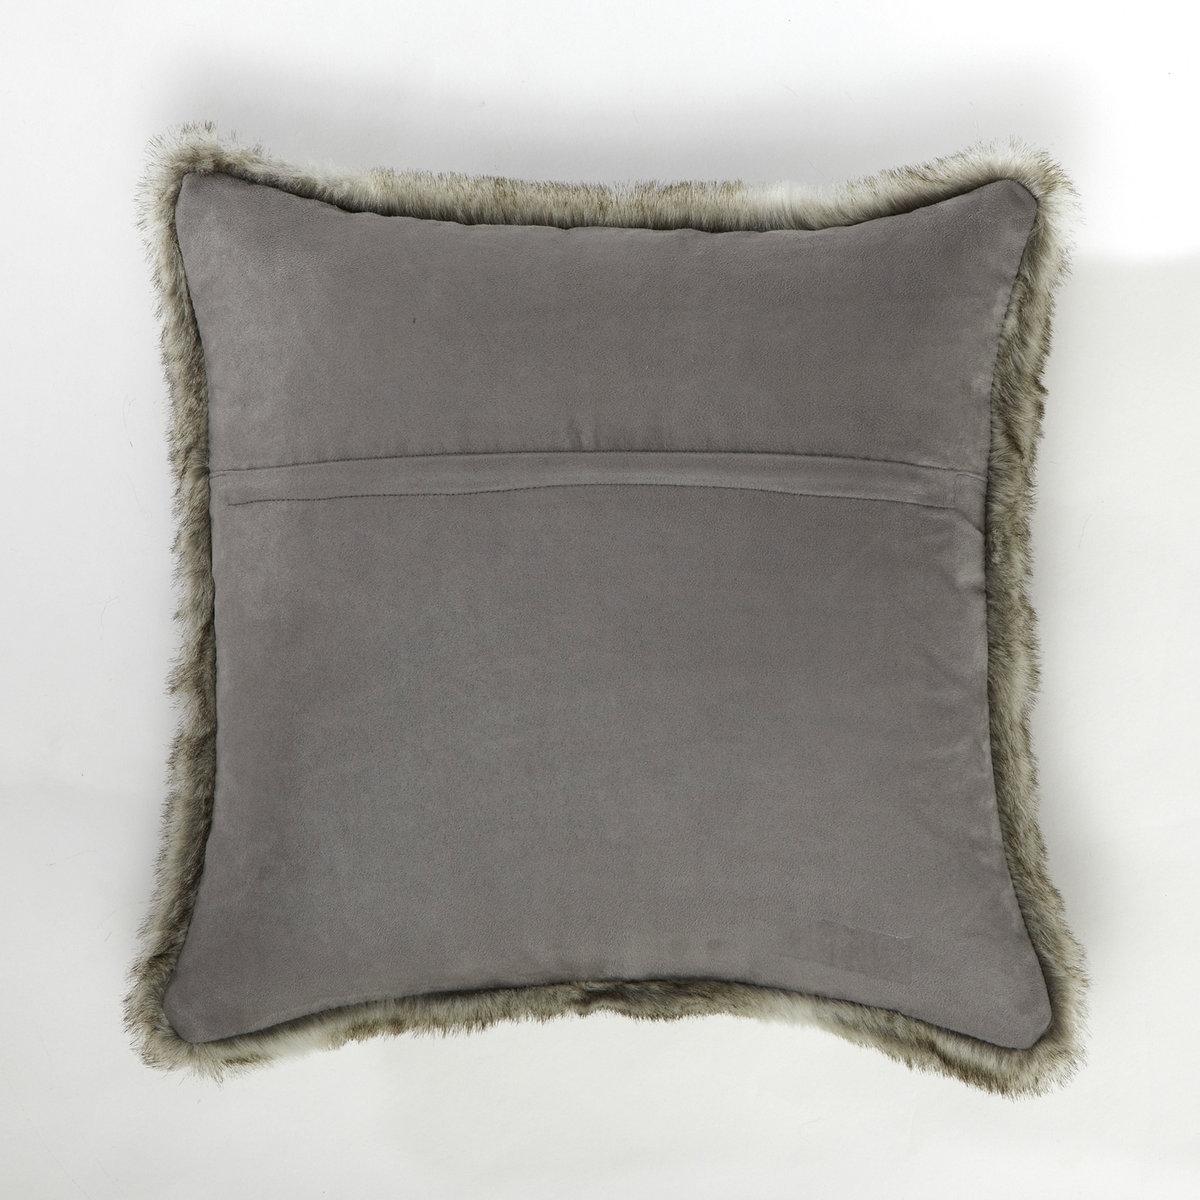 Чехол для подушкиОдна сторона из искусственного меха, 80% акрила, 20% полиэстера. Другая сторона из искусственной замши, 100% полиэстера. Стирка при 40°. Застежка на молнию. 40 х 40 см.<br><br>Цвет: белый,темно-серый<br>Размер: 40 x 40  см